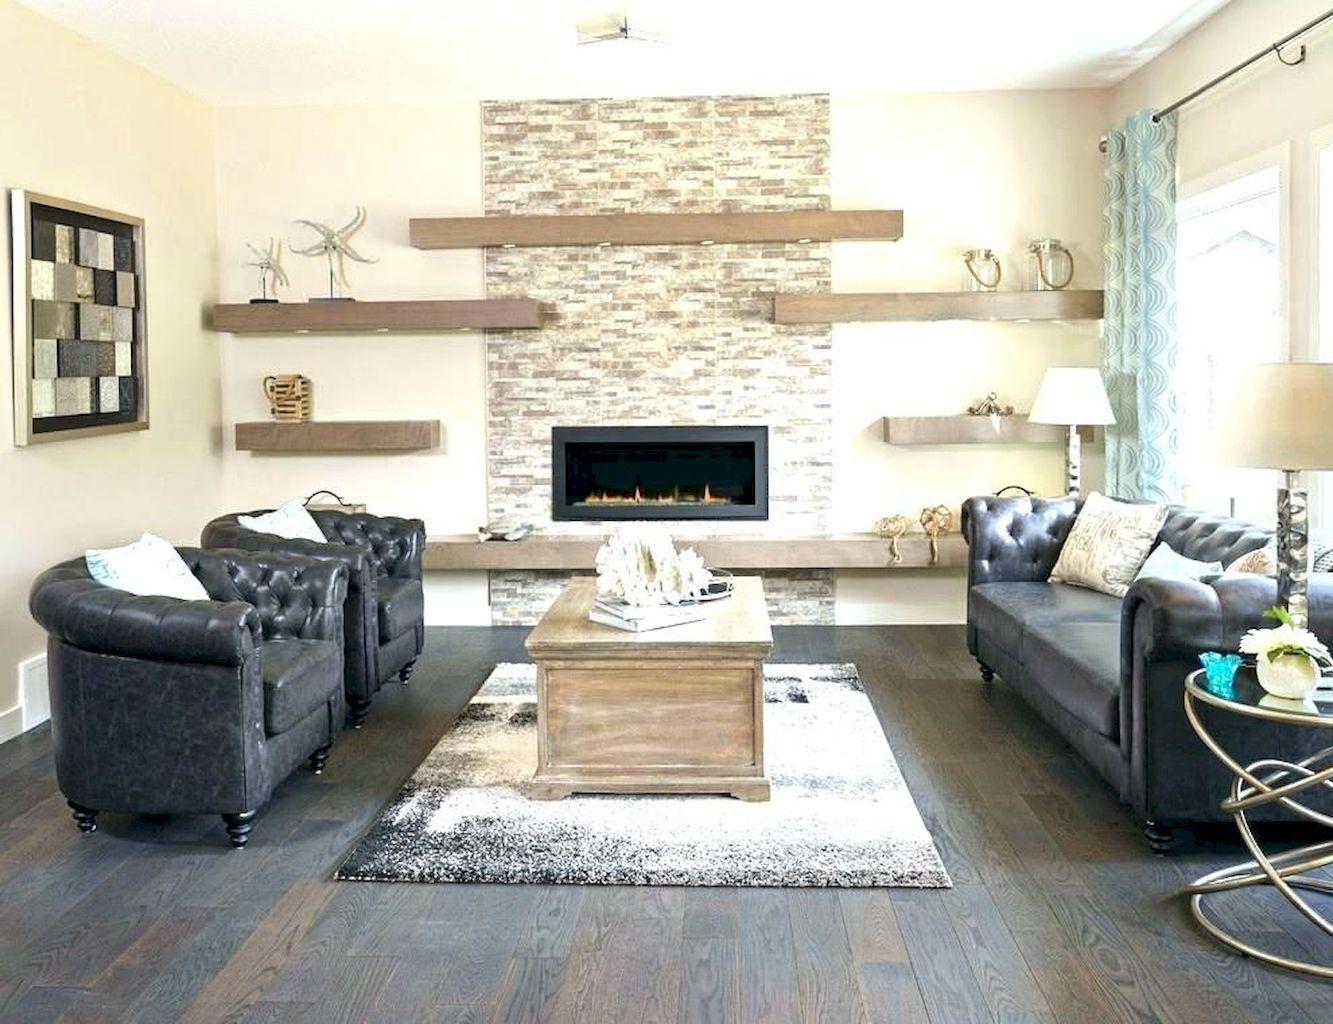 55 Brilliant Floating Shelves Design For Living Room Ideas